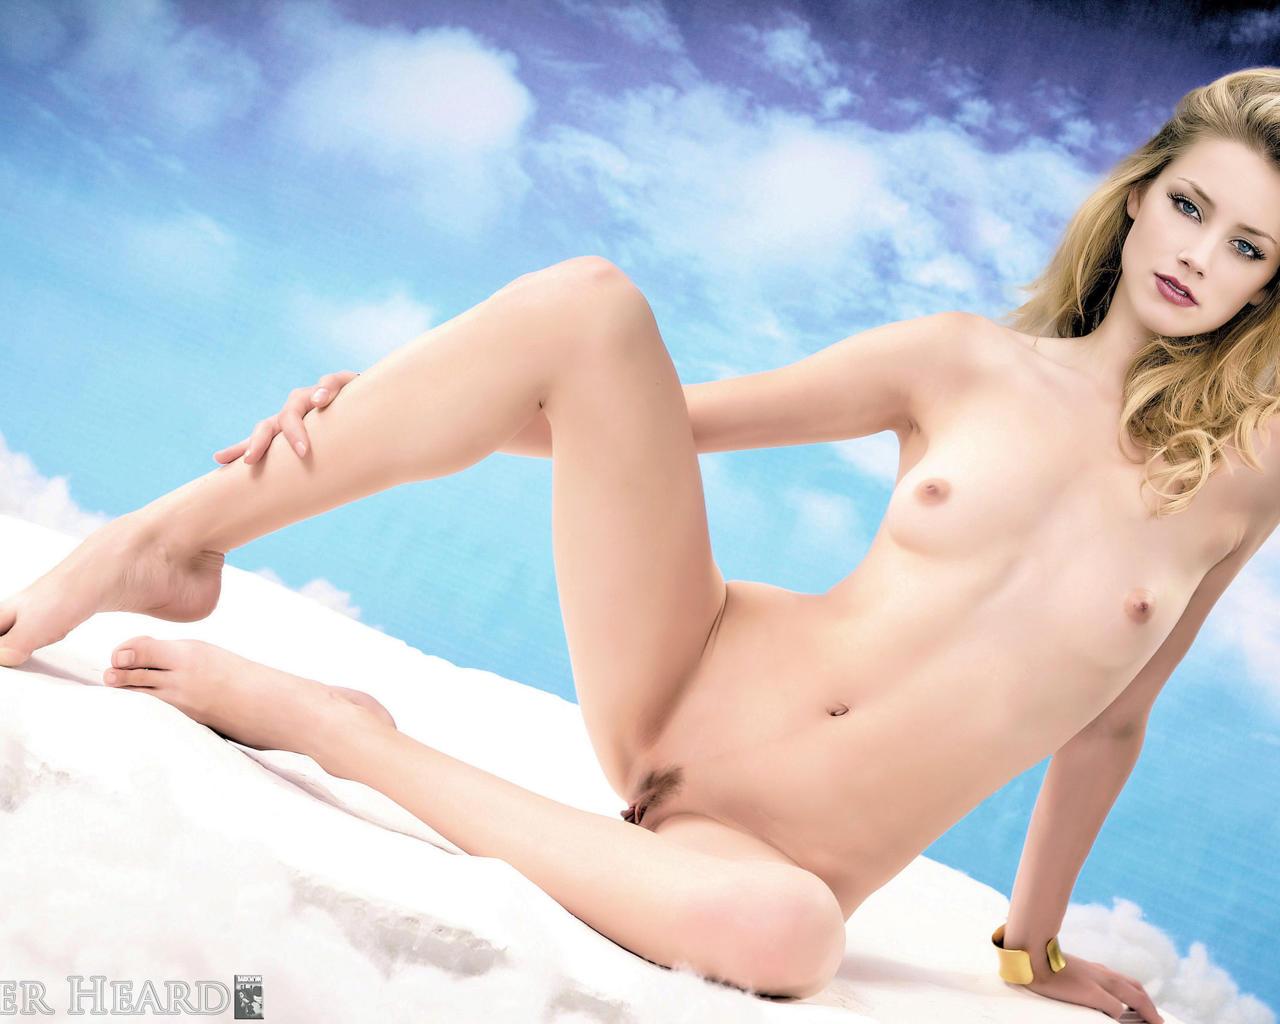 Amber heard pussy